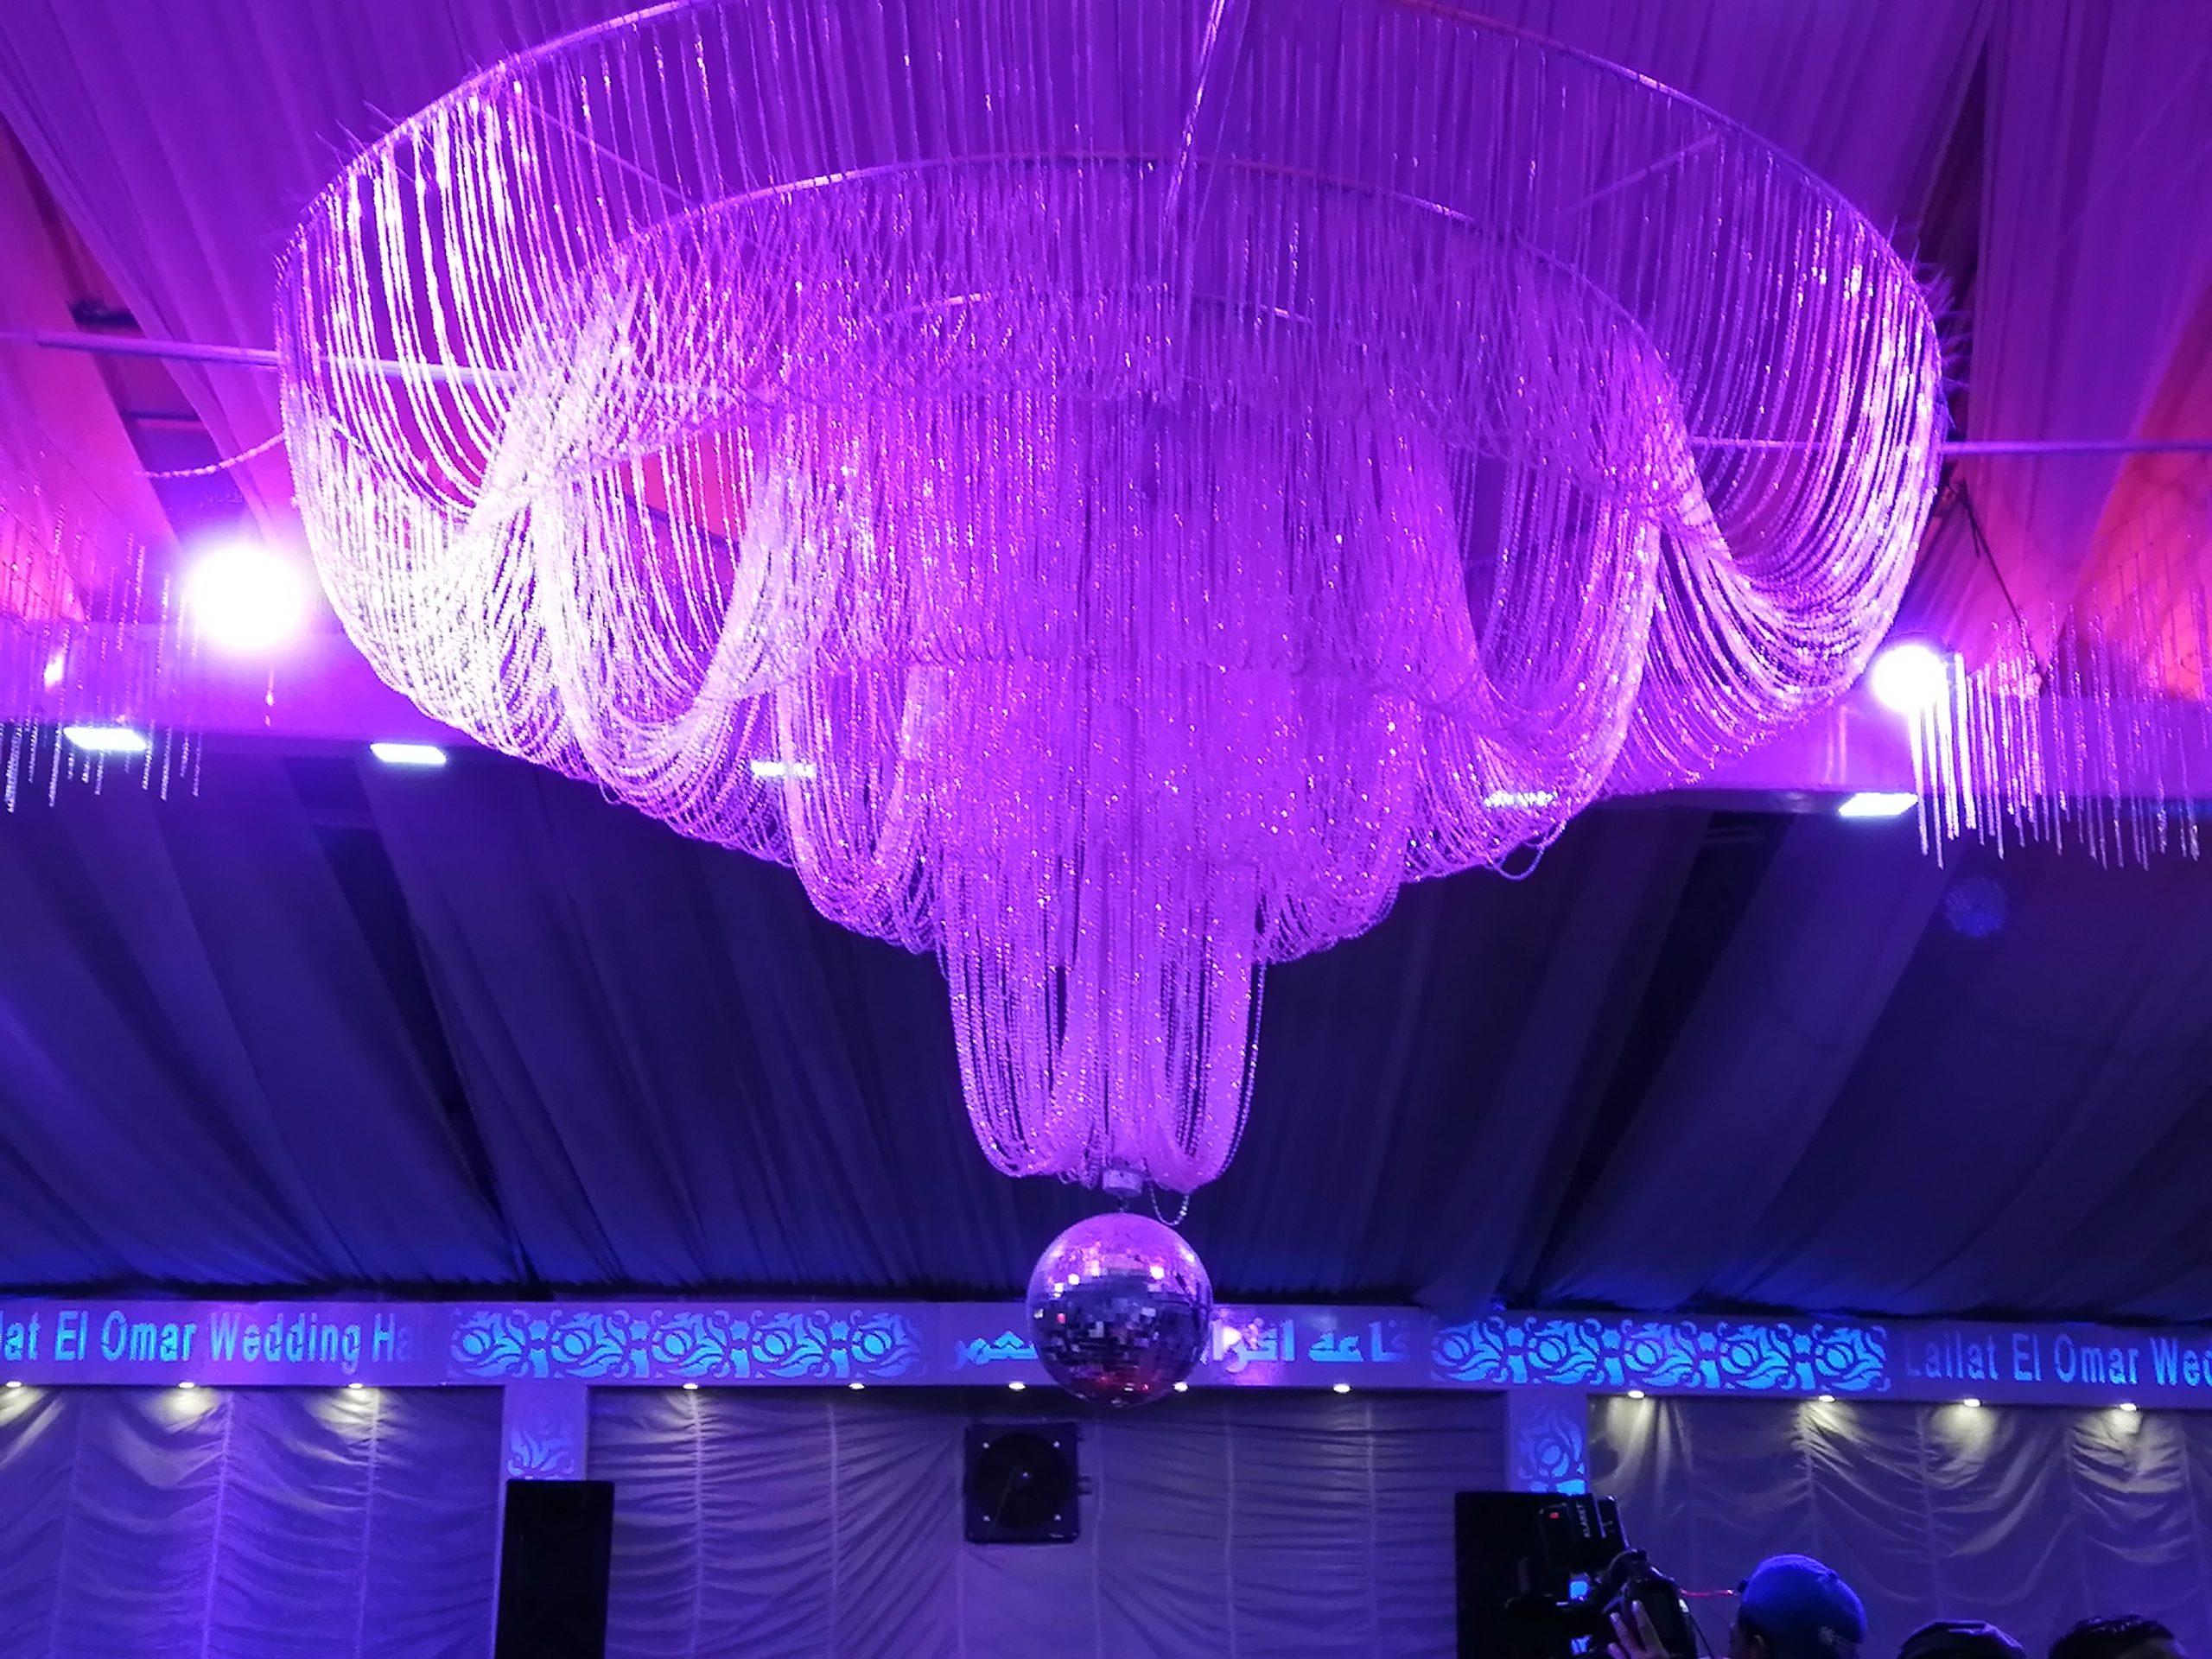 エジプトの結婚式会場